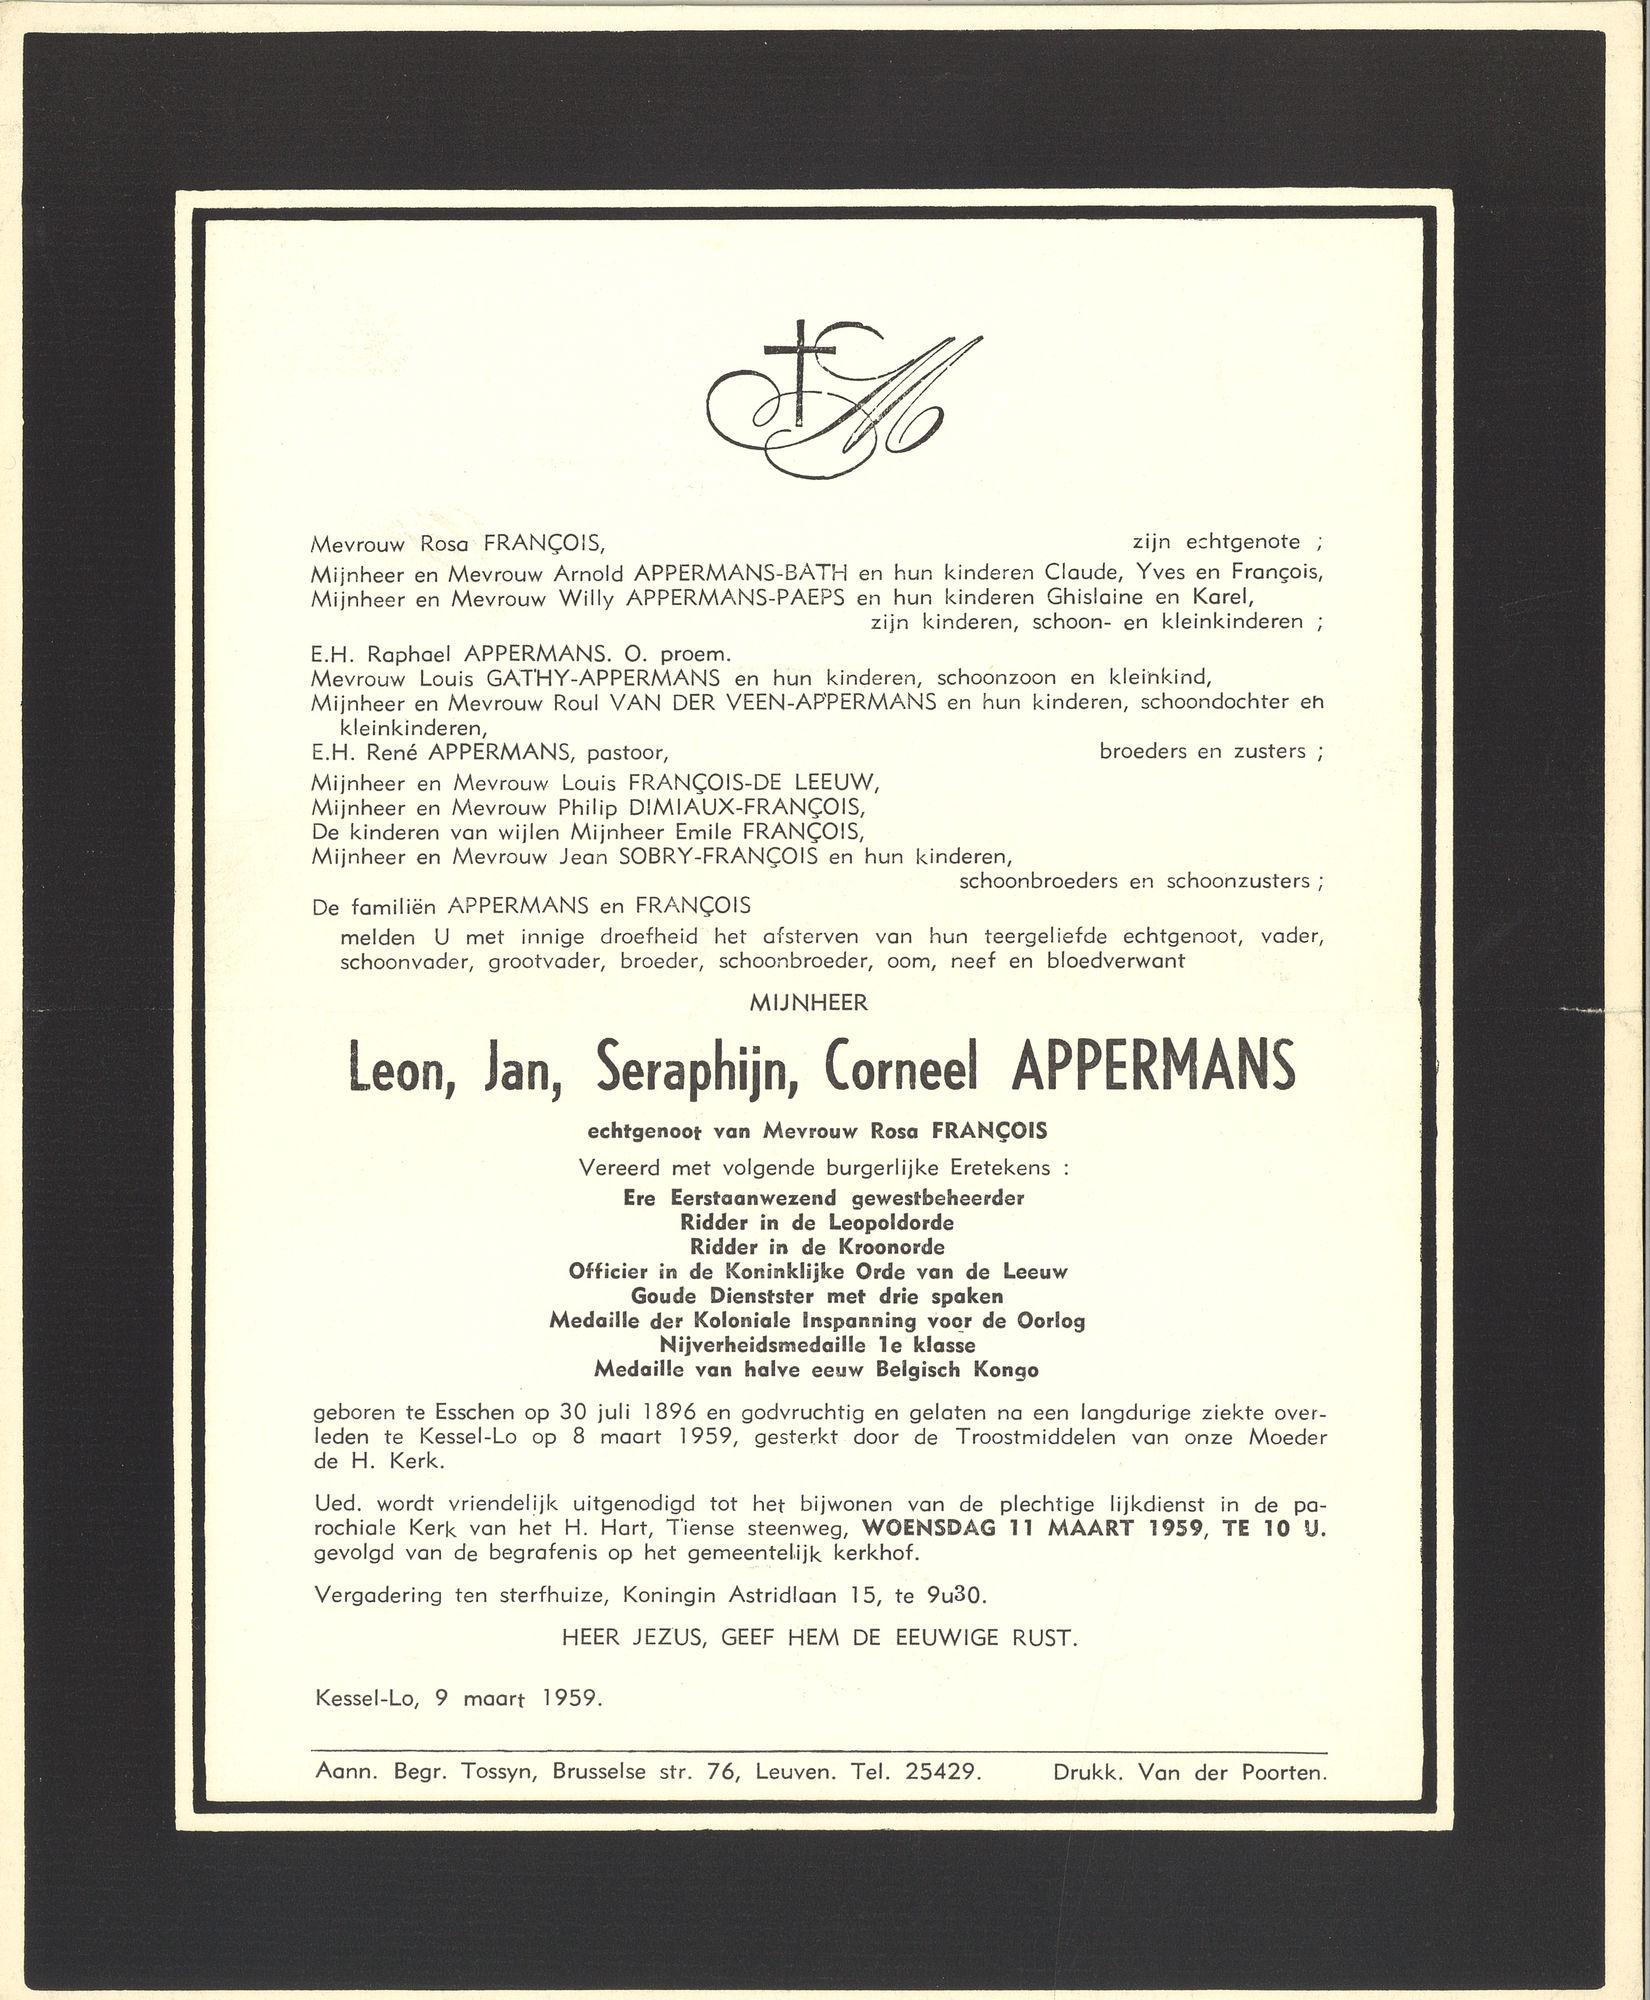 Leon Jan Seraphijn Corneel Appermans